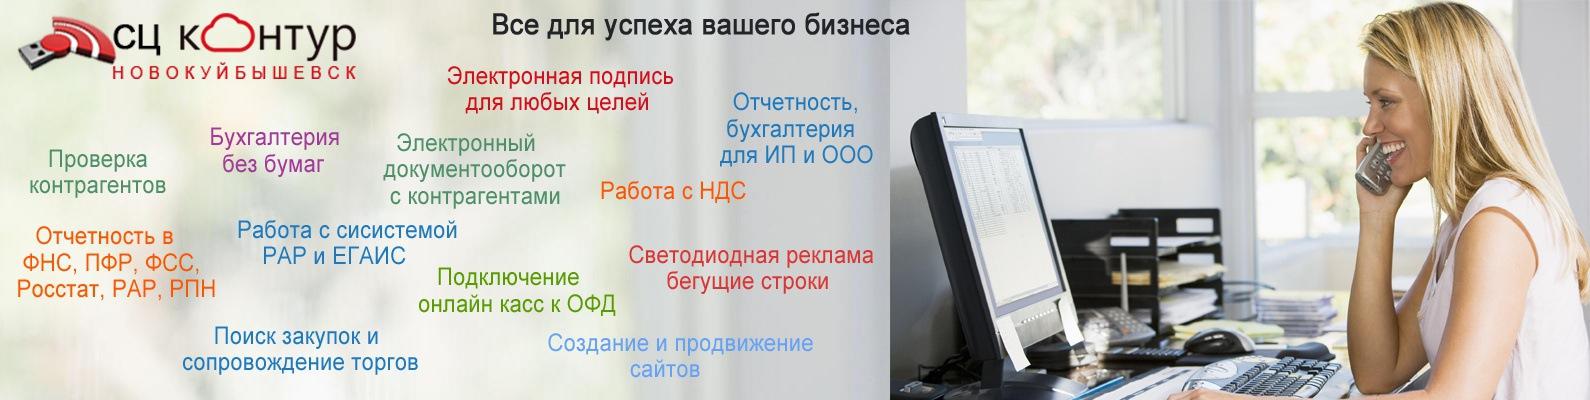 Курительные смеси Сайт Пермь Гашиш online Ульяновск